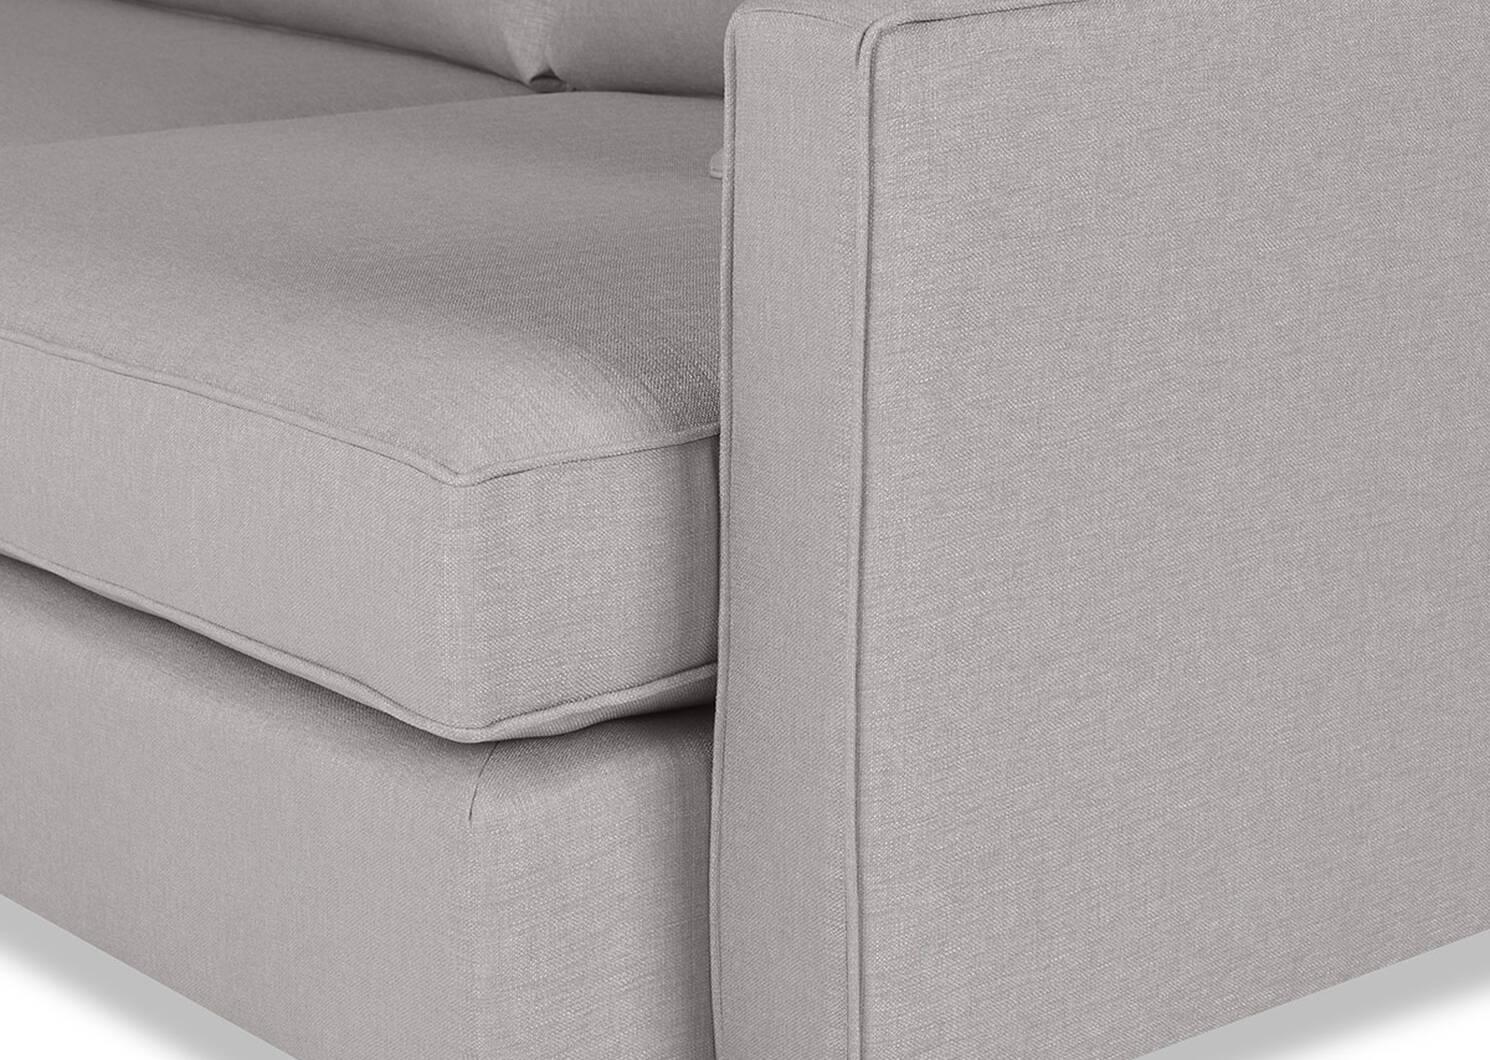 Canapé modulaire  Sibley personnalisé